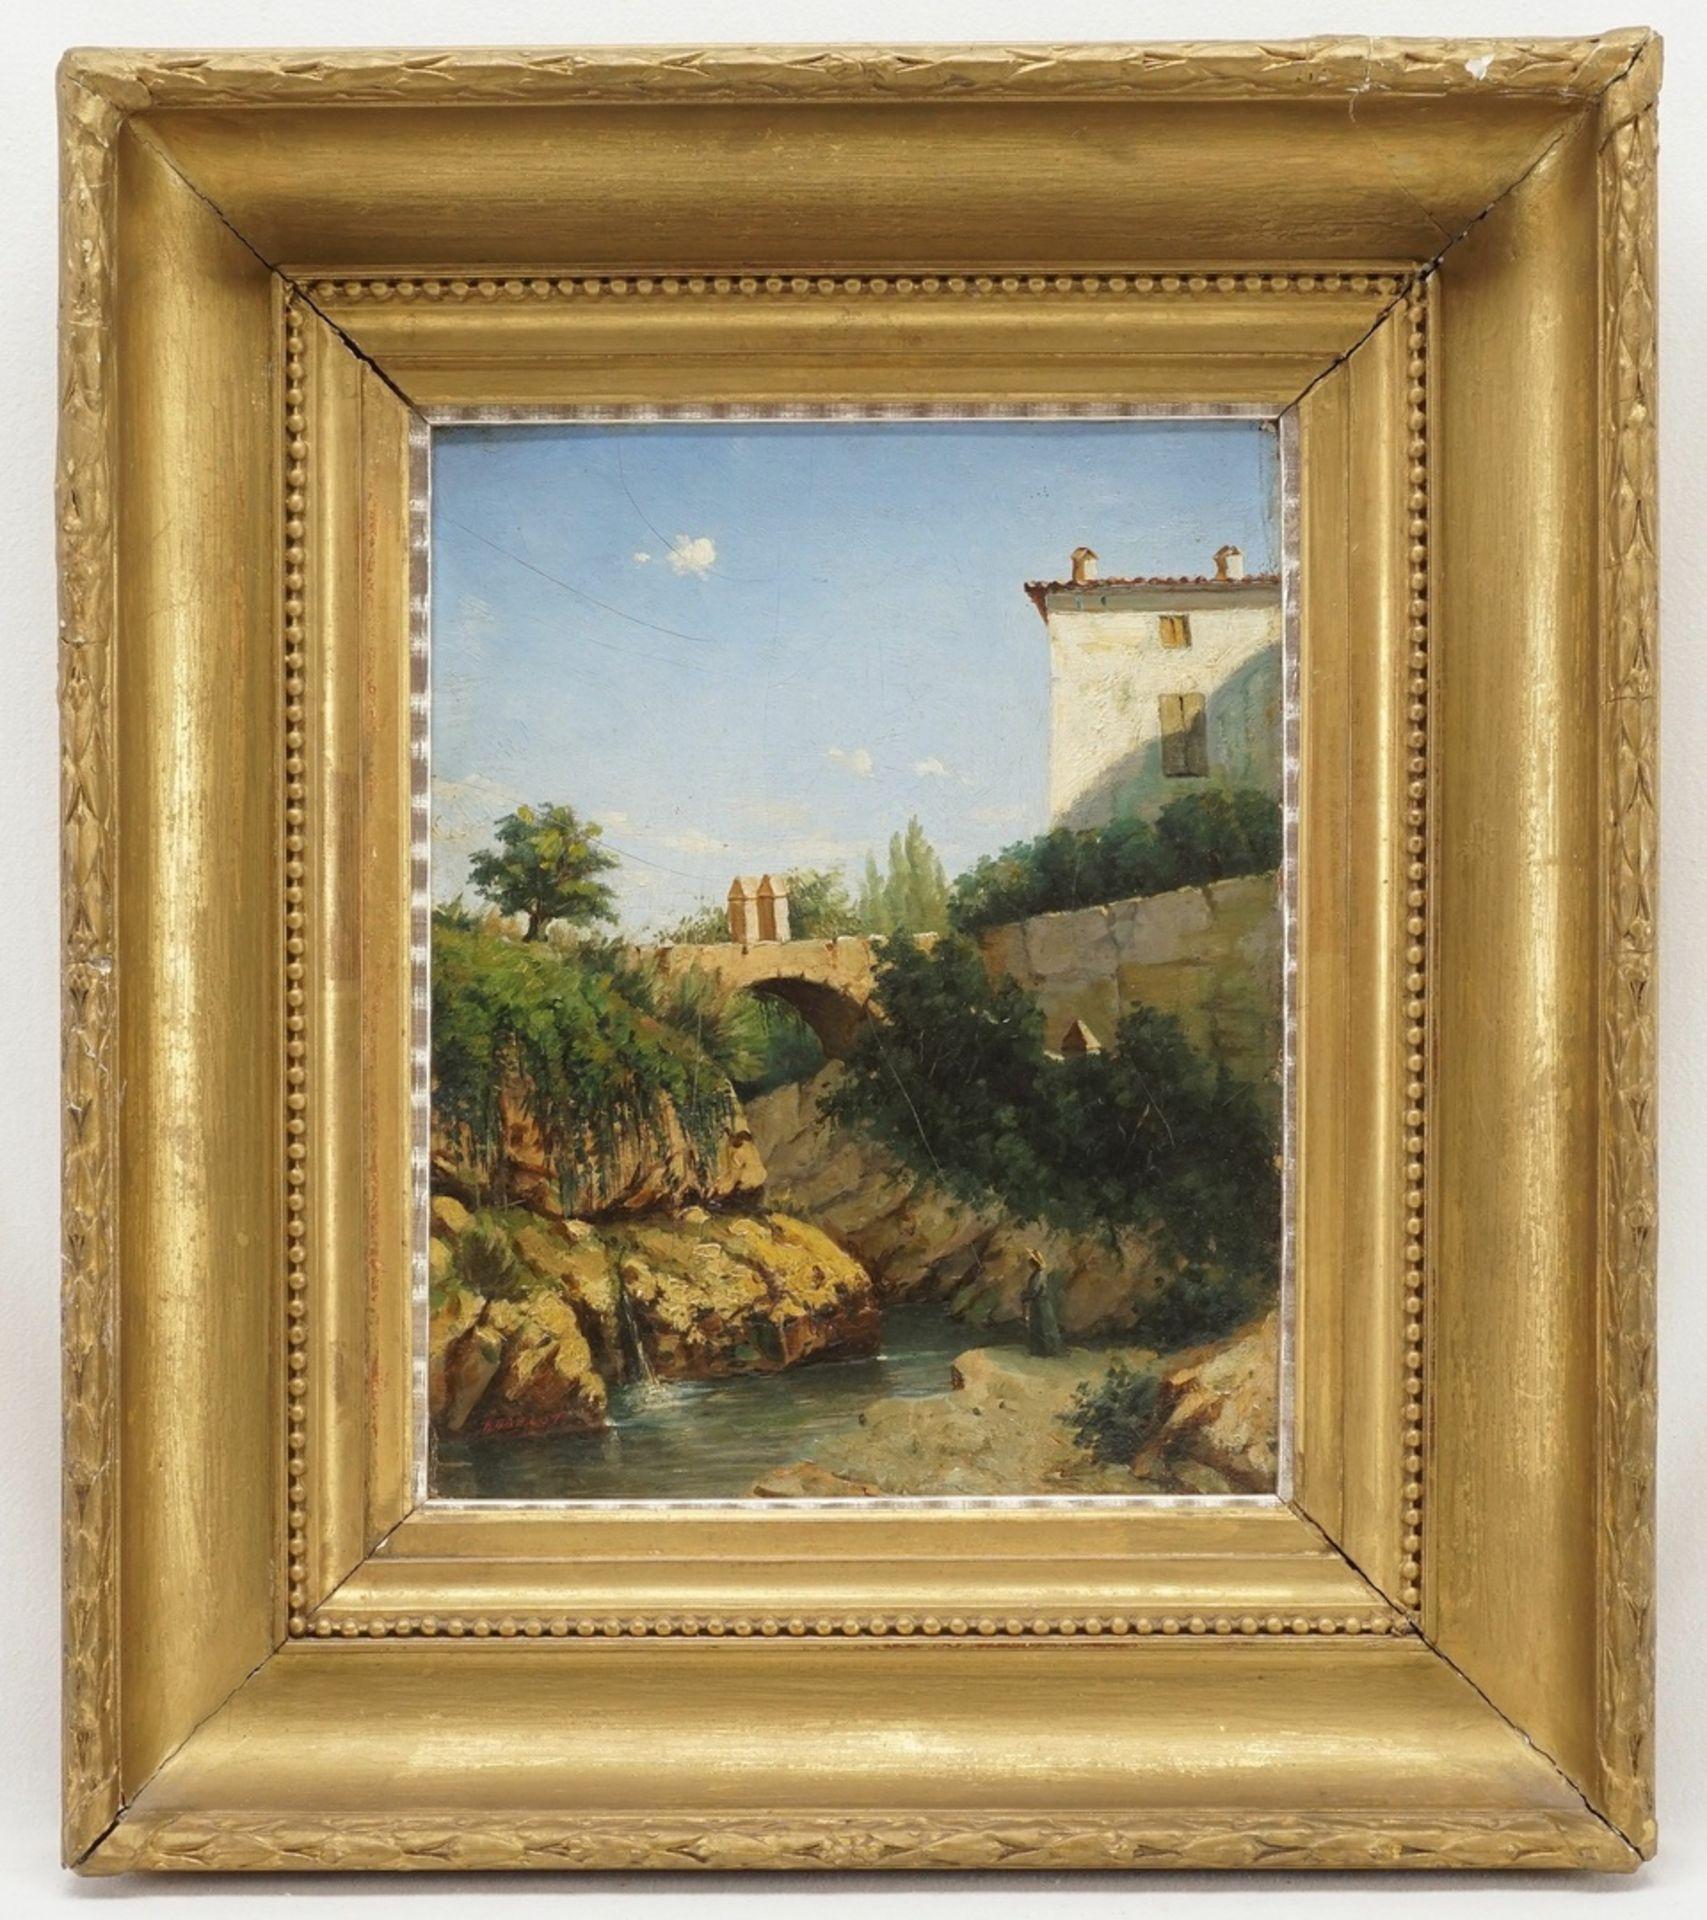 """Französischer Landschaftsmaler, sign. Budelot, """"Kleiner Flusslauf in Südfrankreich"""" - Bild 2 aus 4"""